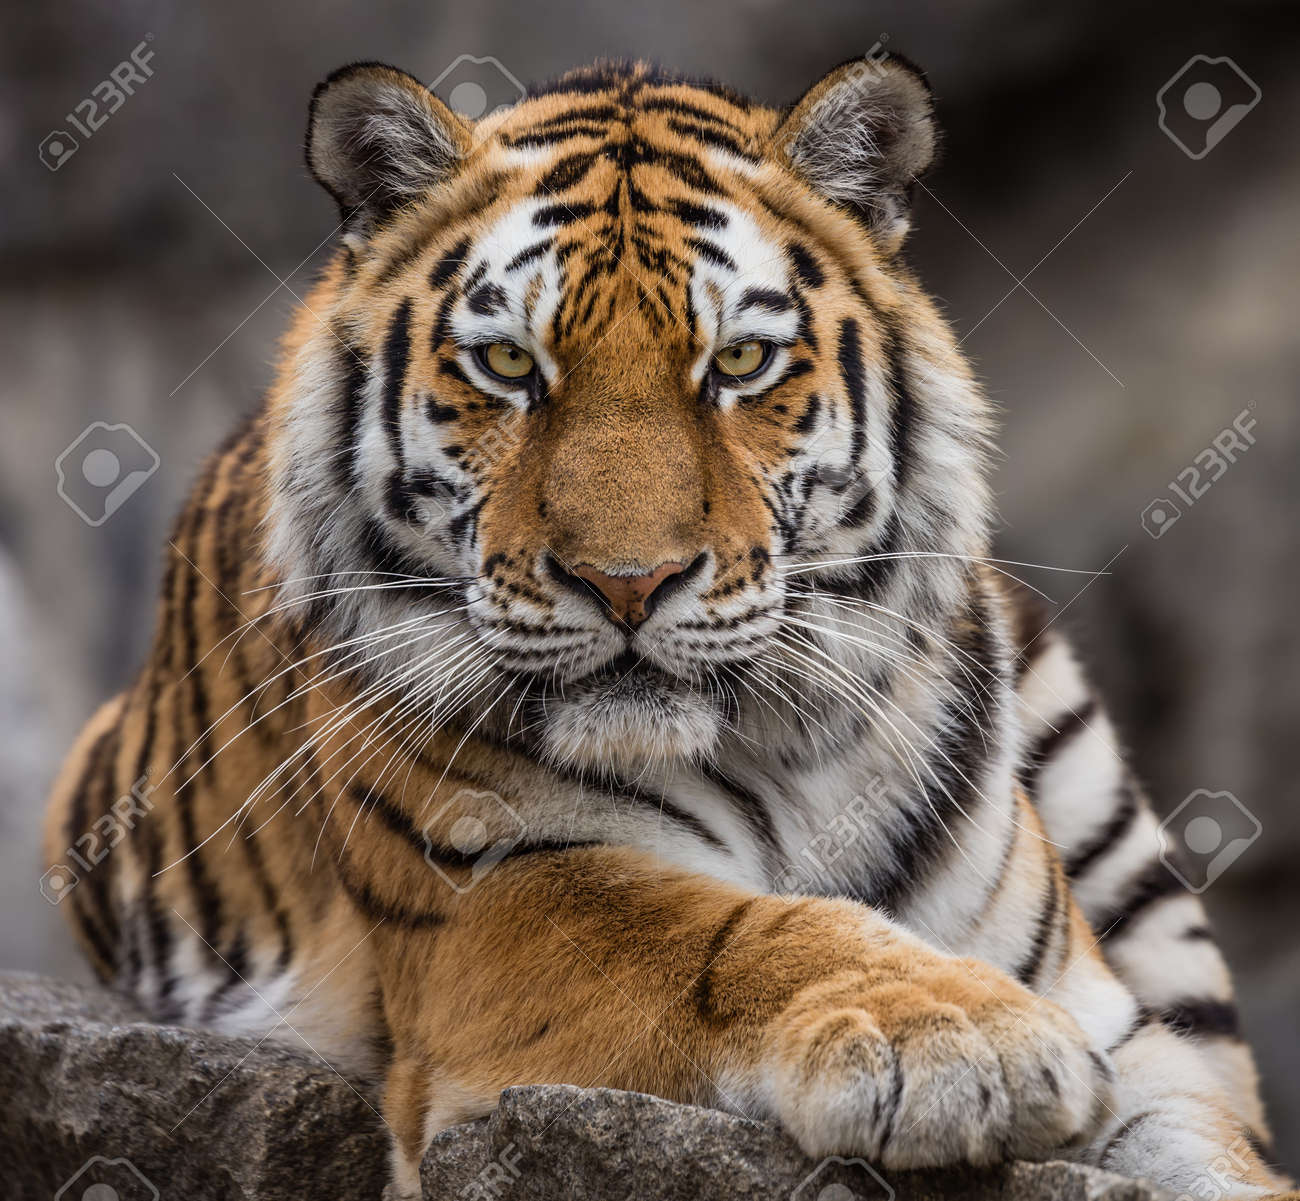 シベリア タイガー